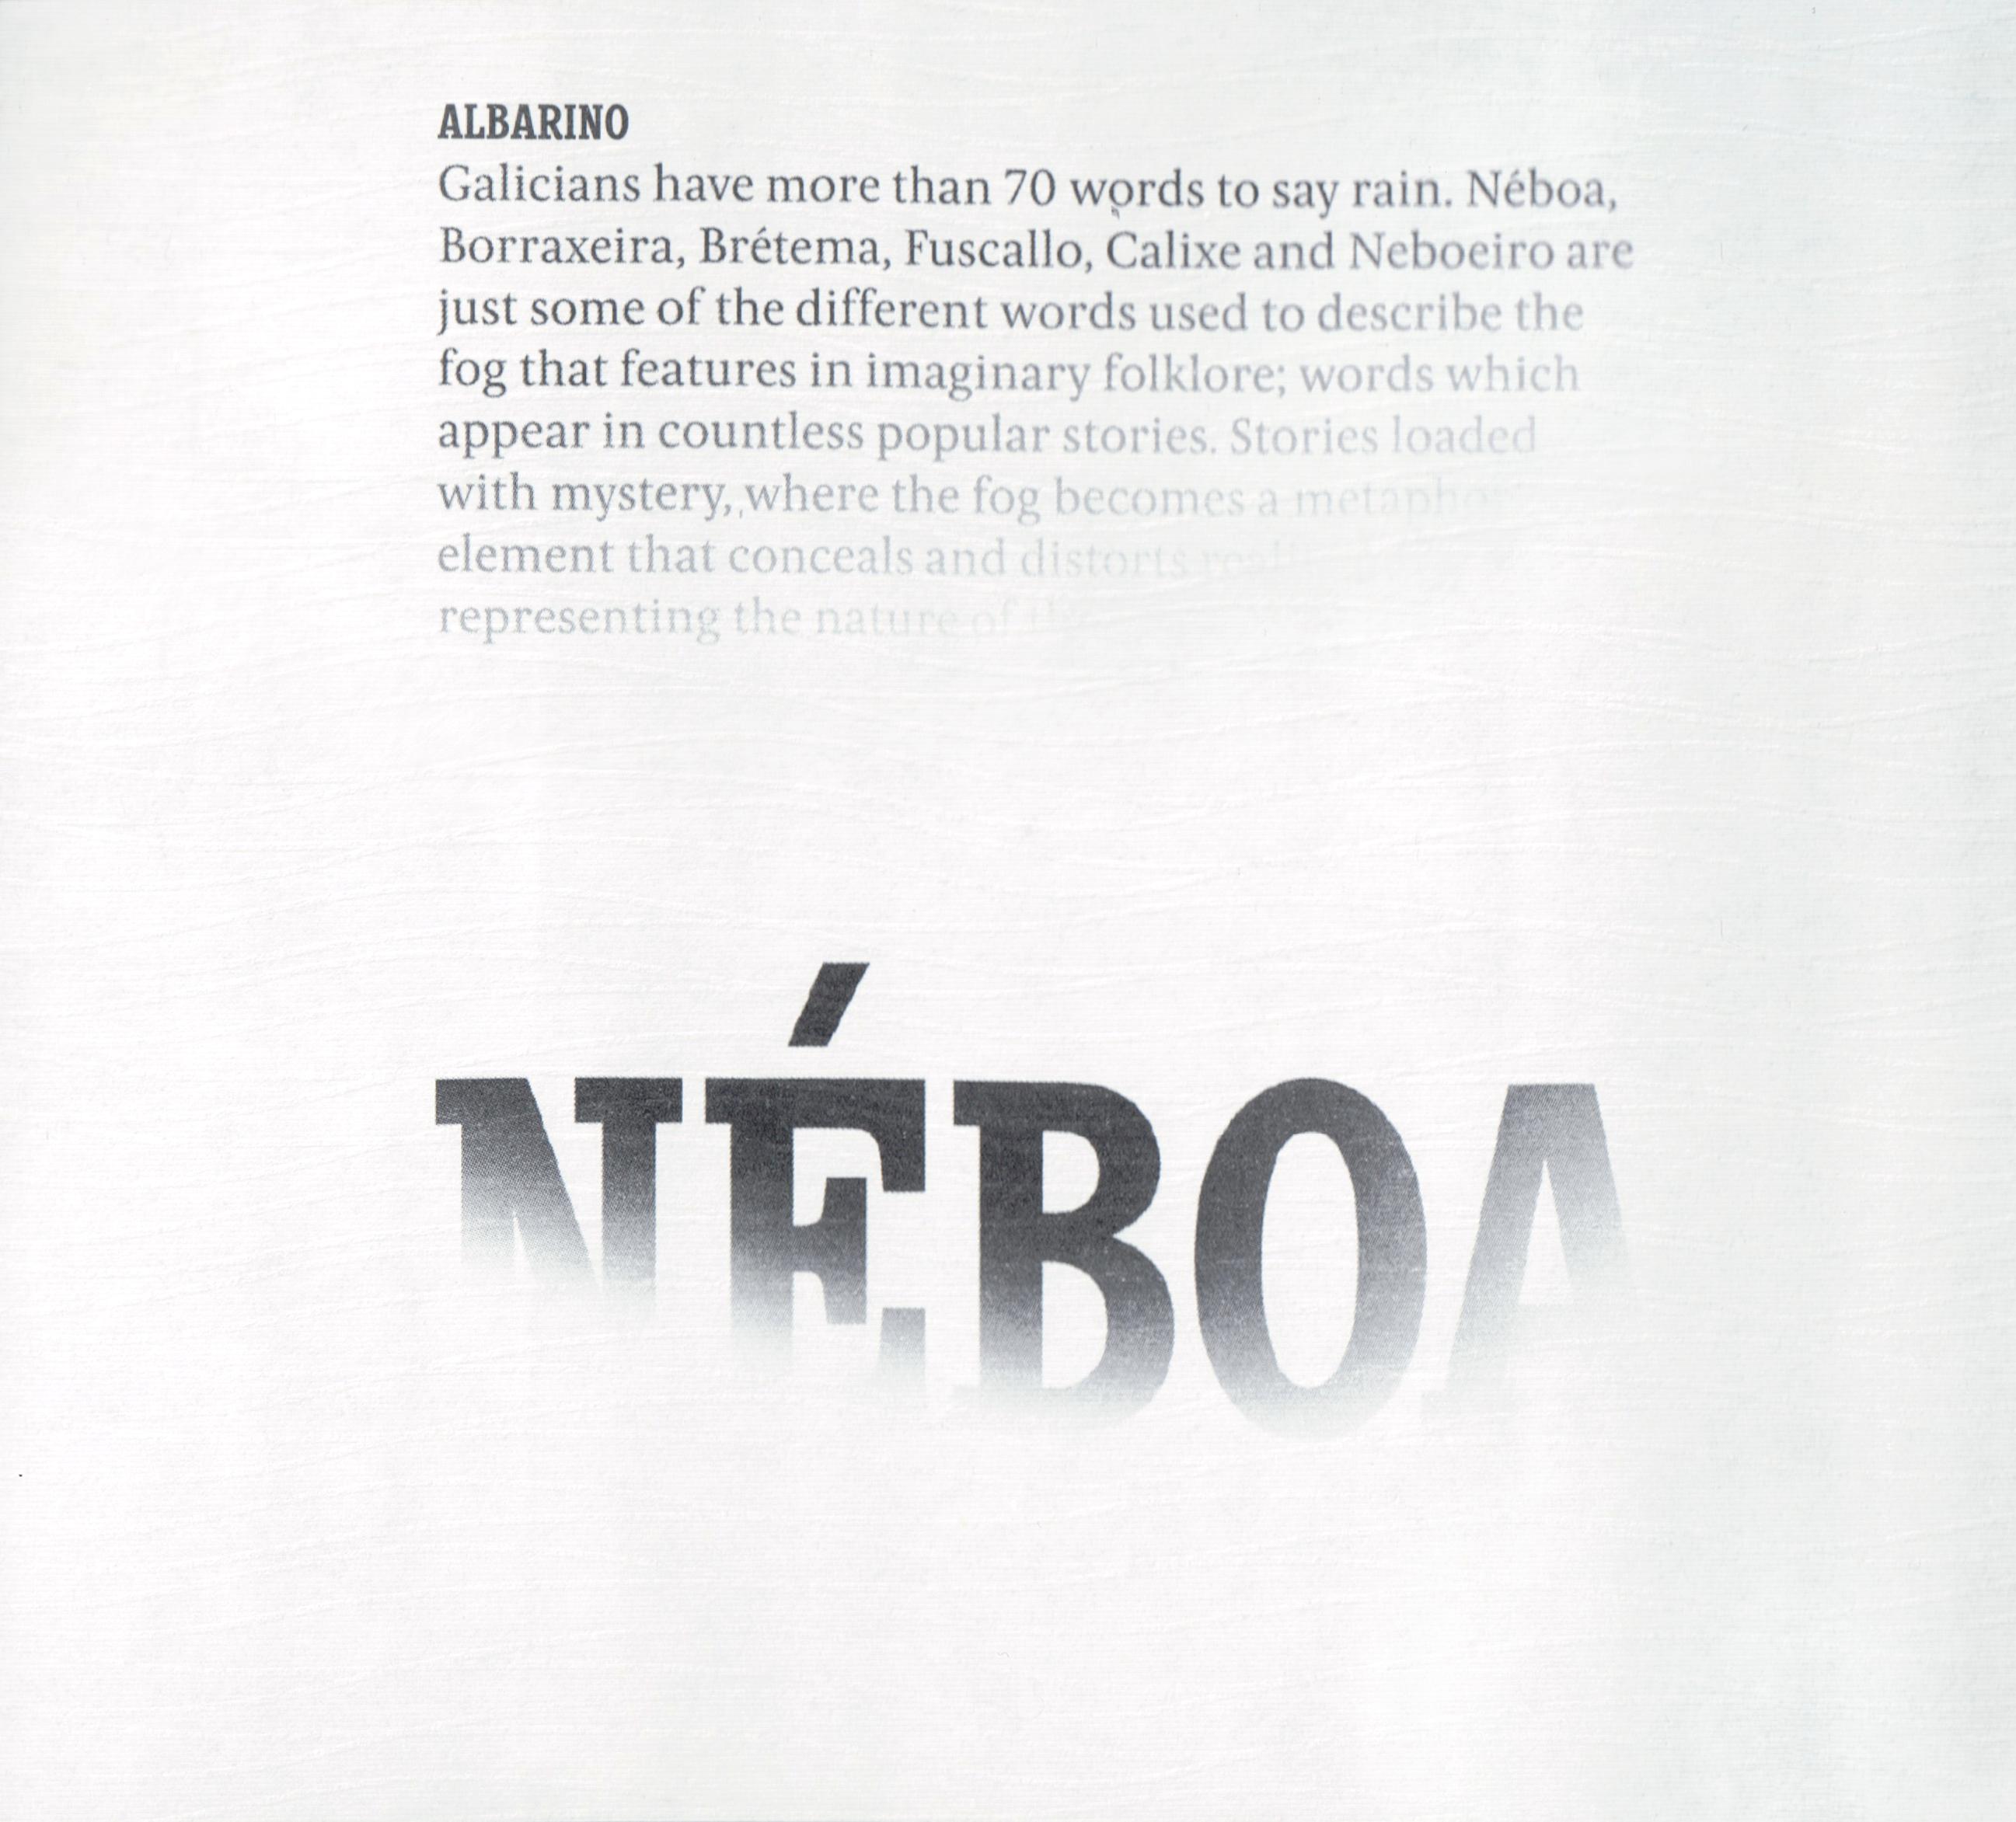 Neboa Albarino 2018